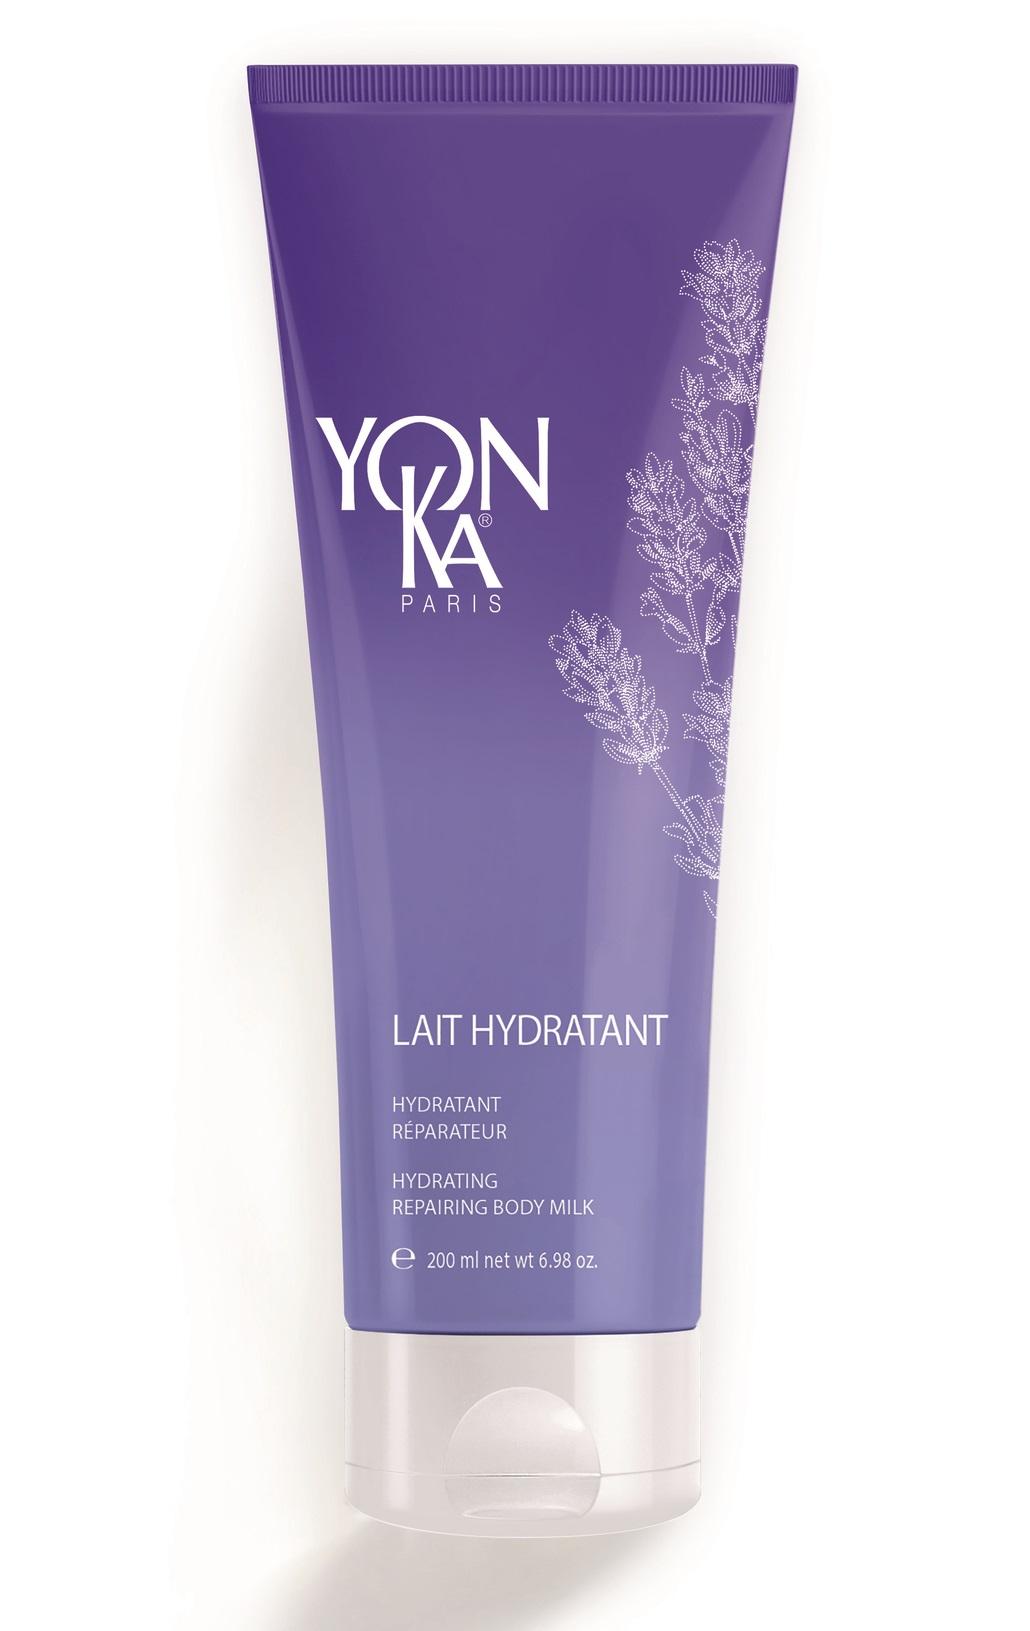 YON KA Молочко увлажняющее для тела Прованс / AROMA SPA Lait Hydratant 200 мл